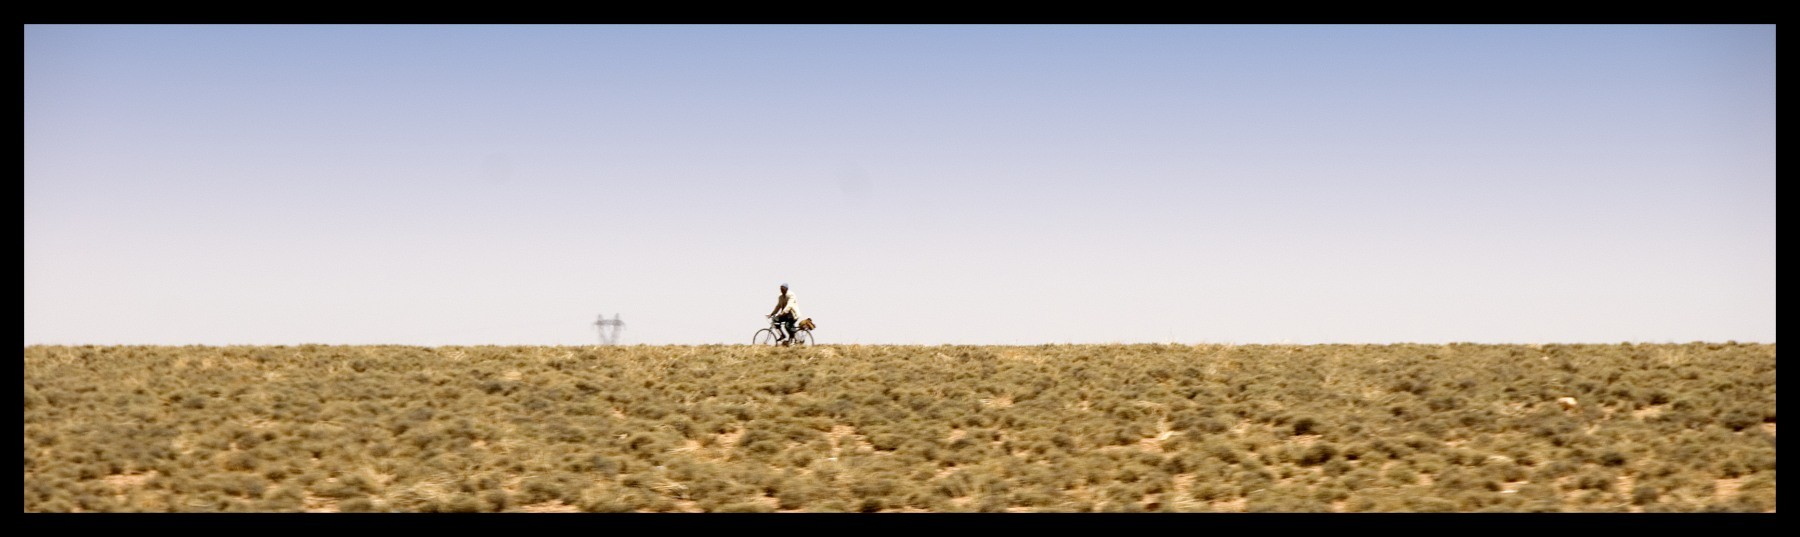 98217_DSC0055-on-desert Storie di Luce